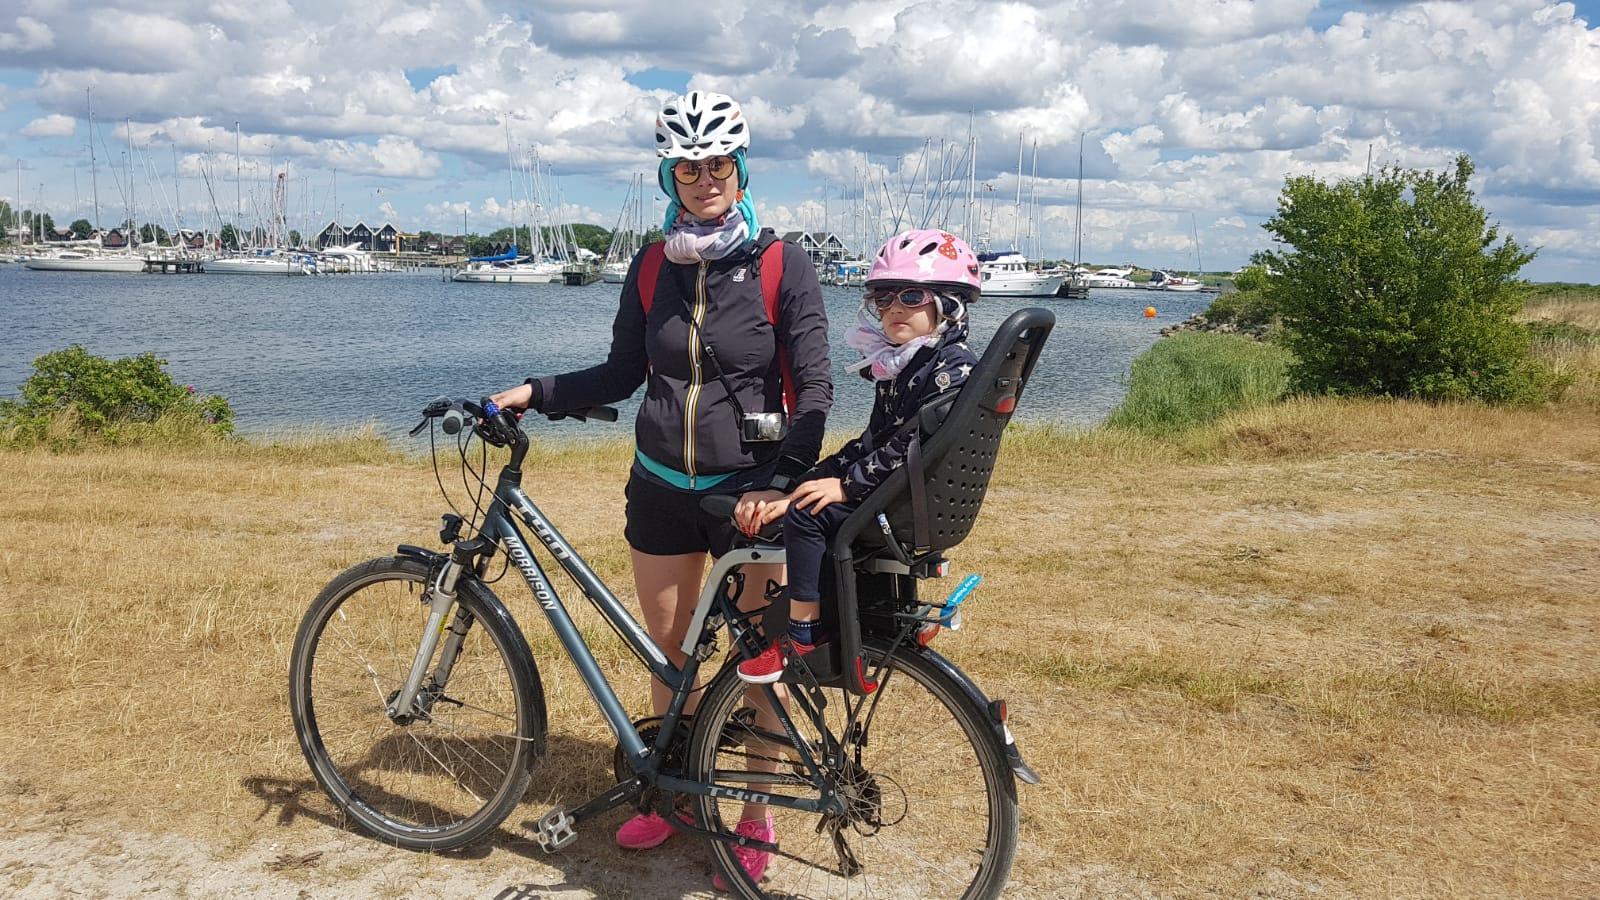 DANIMARCA: Road to Copenaghen Luglio 2018